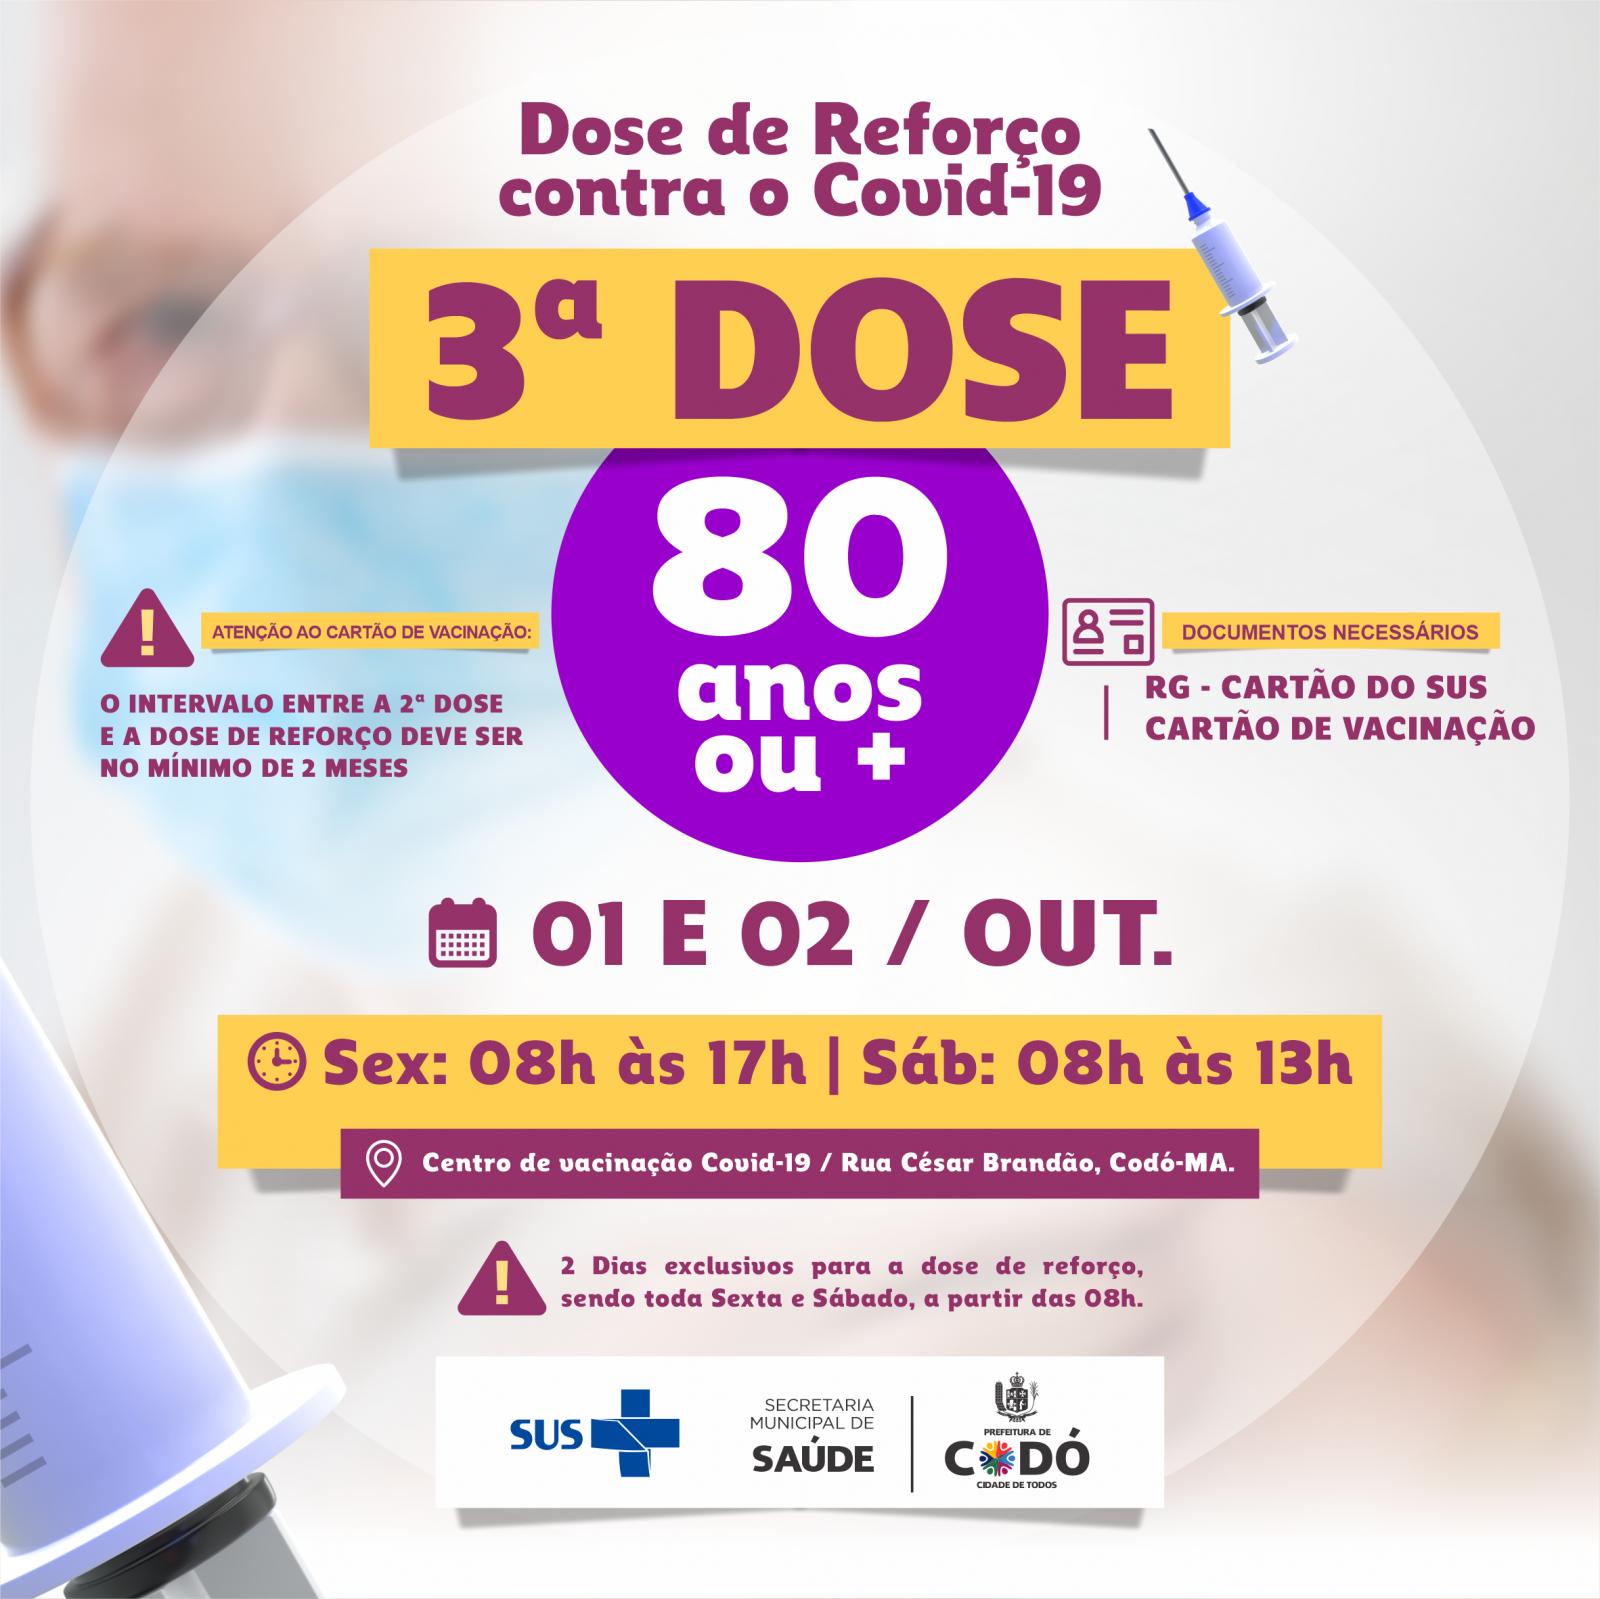 Prefeitura anuncia dose de reforço de vacina contra Covid-19 para quem tem mais de 80 anos em Codó